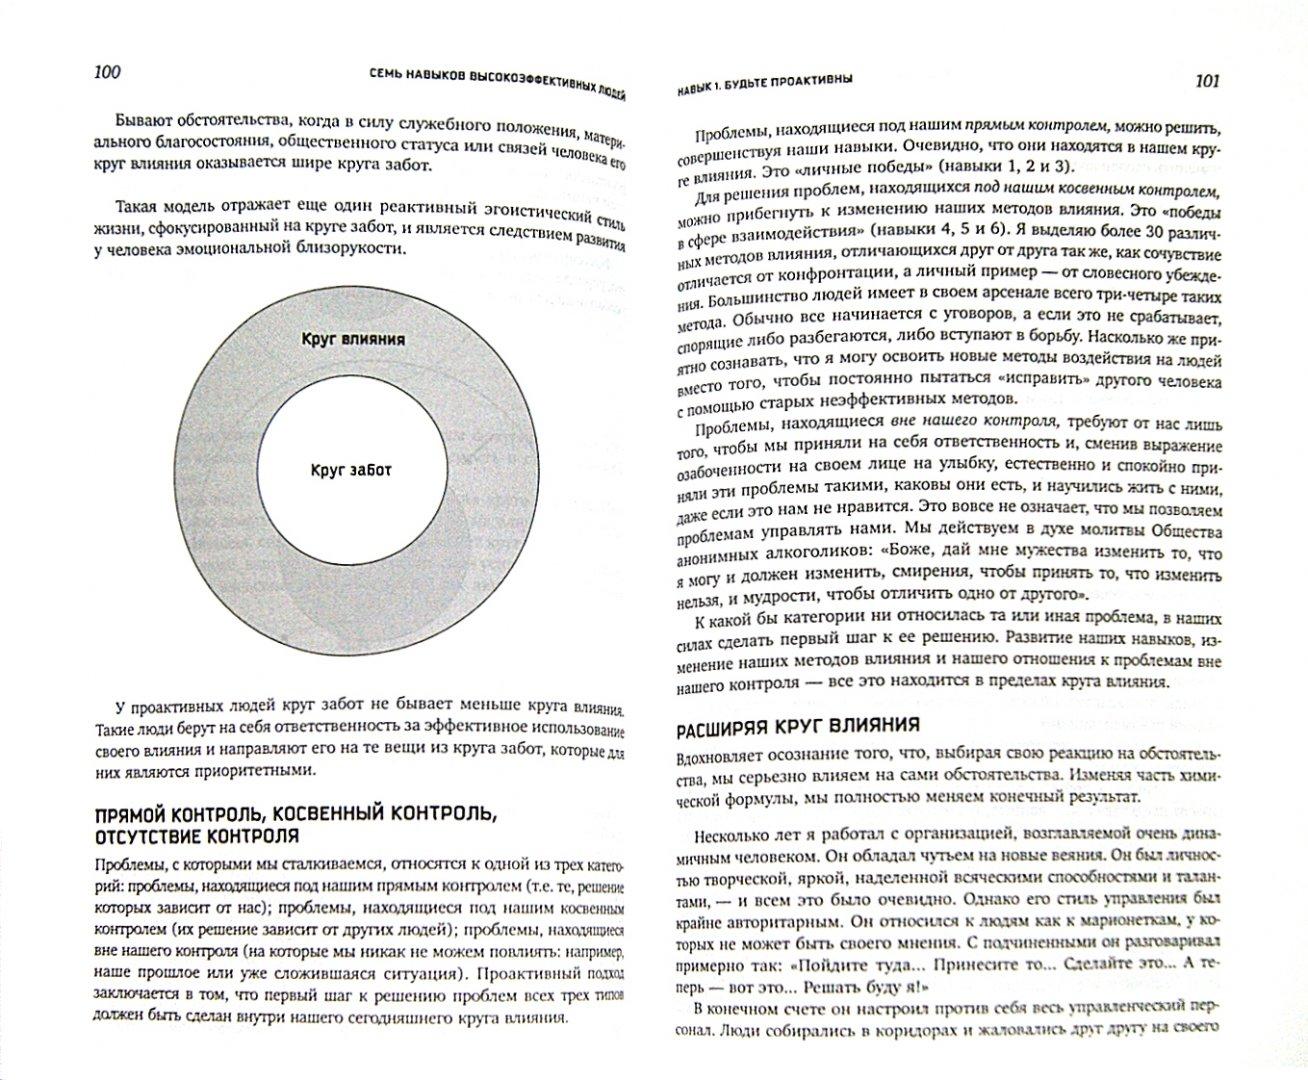 Иллюстрация 1 из 33 для 7 навыков высокоэффективных людей. Мощные инструменты развития личности - Стивен Кови | Лабиринт - книги. Источник: Лабиринт